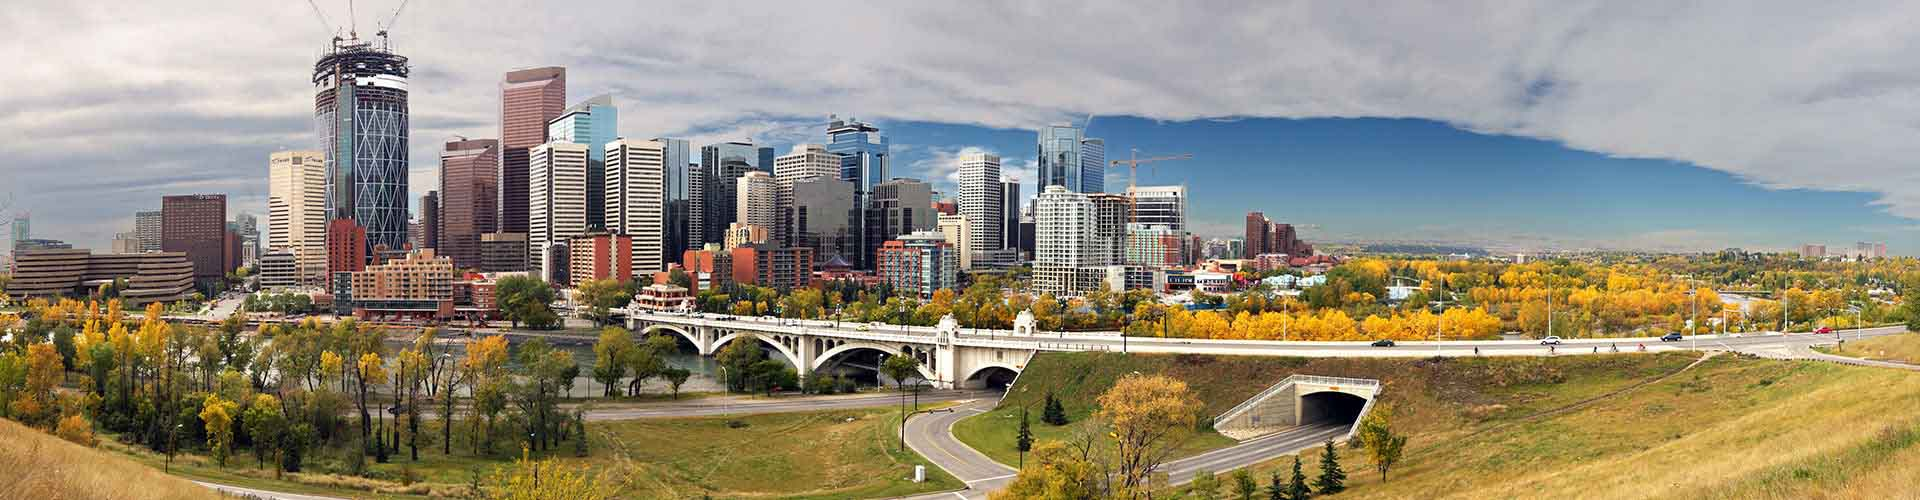 Calgary - Hoteles baratos en el distrito Parque Stampede . Mapas de Calgary, Fotos y comentarios de cada Hotel barato en Calgary.